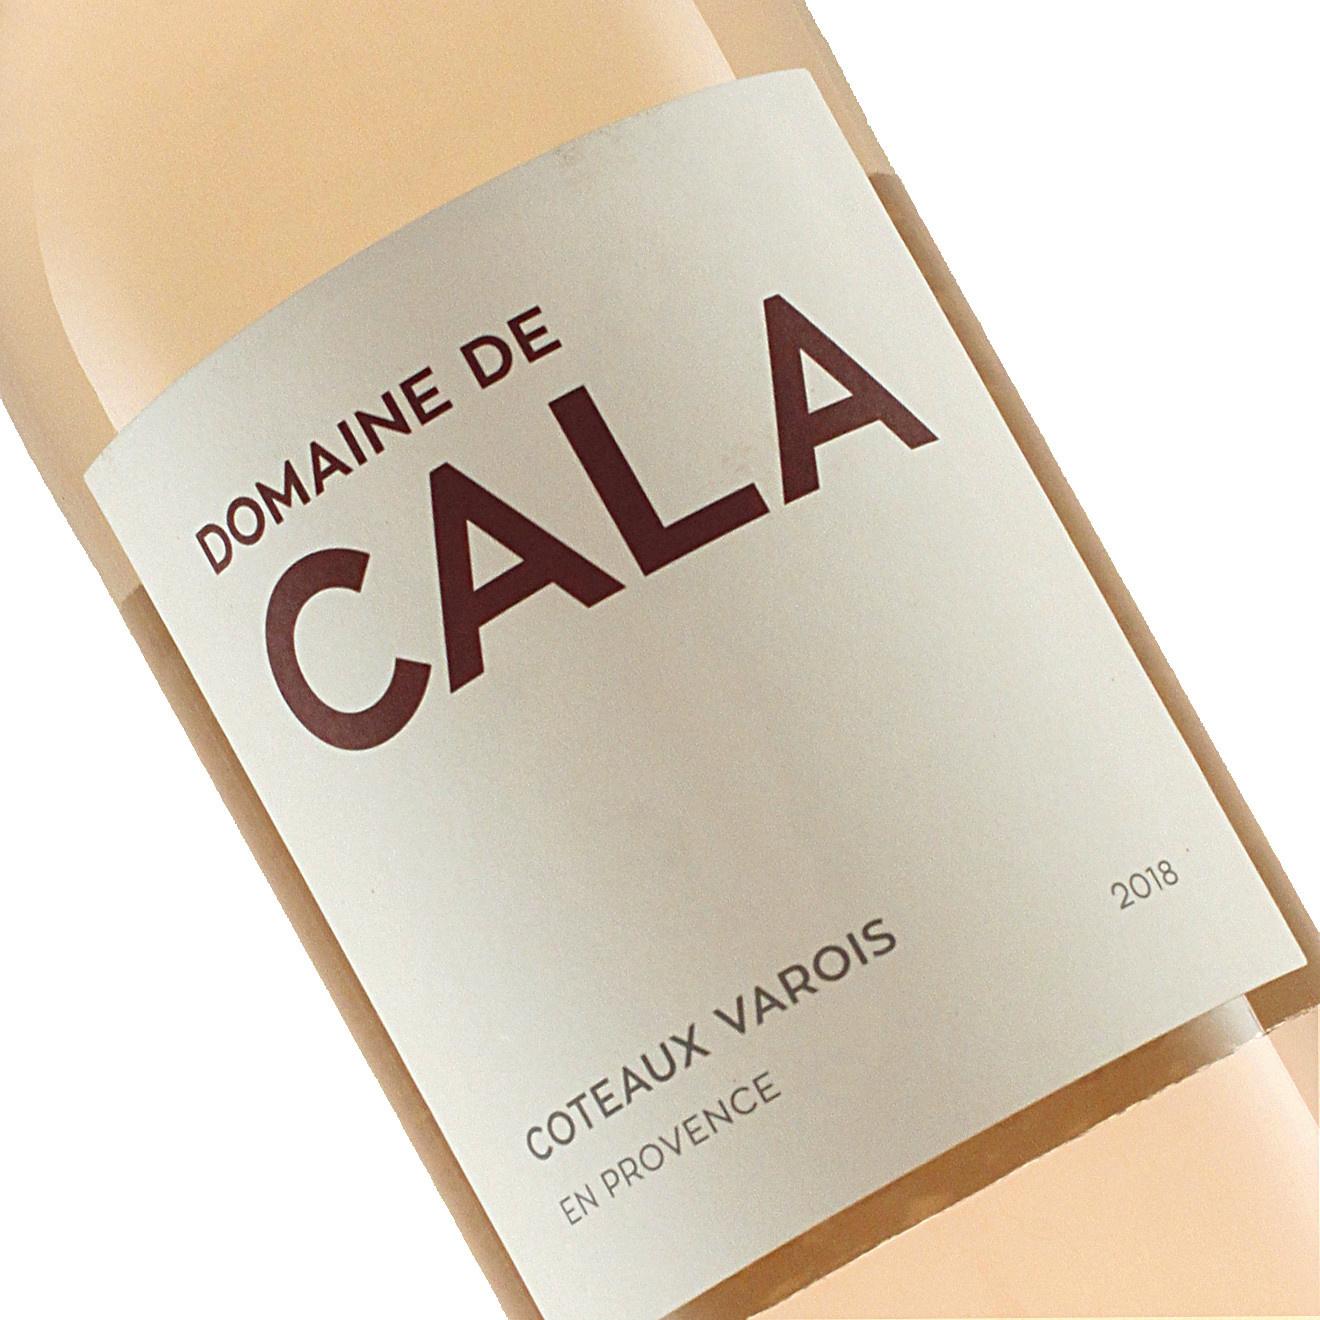 Domaine de Cala 2018 Rose Coteaus Varois Provence